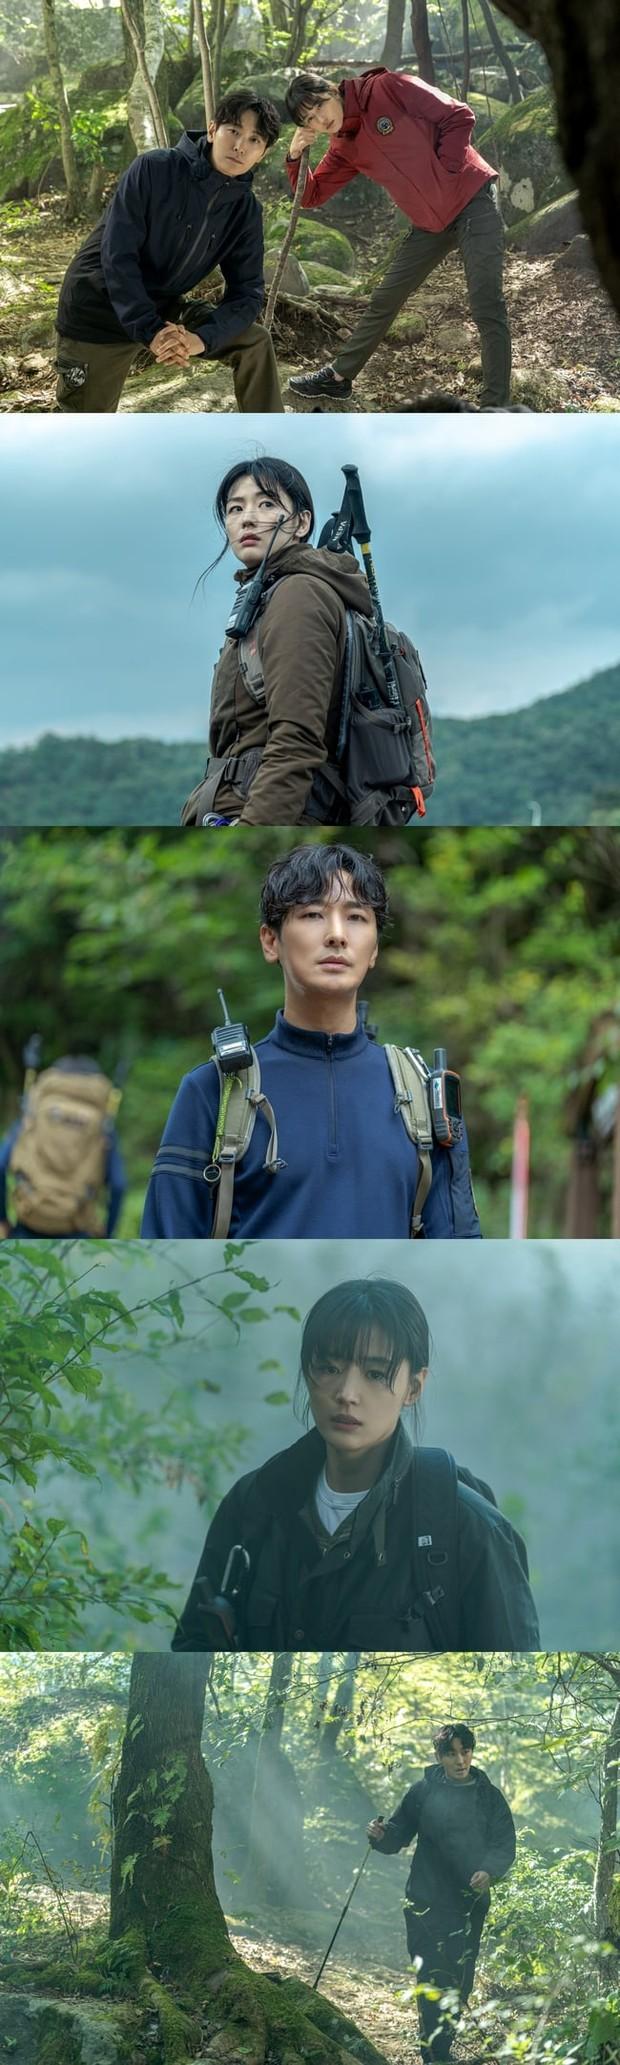 Jeon Ji Hyun - Joo Ji Hoon vào rừng sâu mà nhàn nhã như chụp tạp chí ở bom tấn Jiri Mountain? - Ảnh 1.